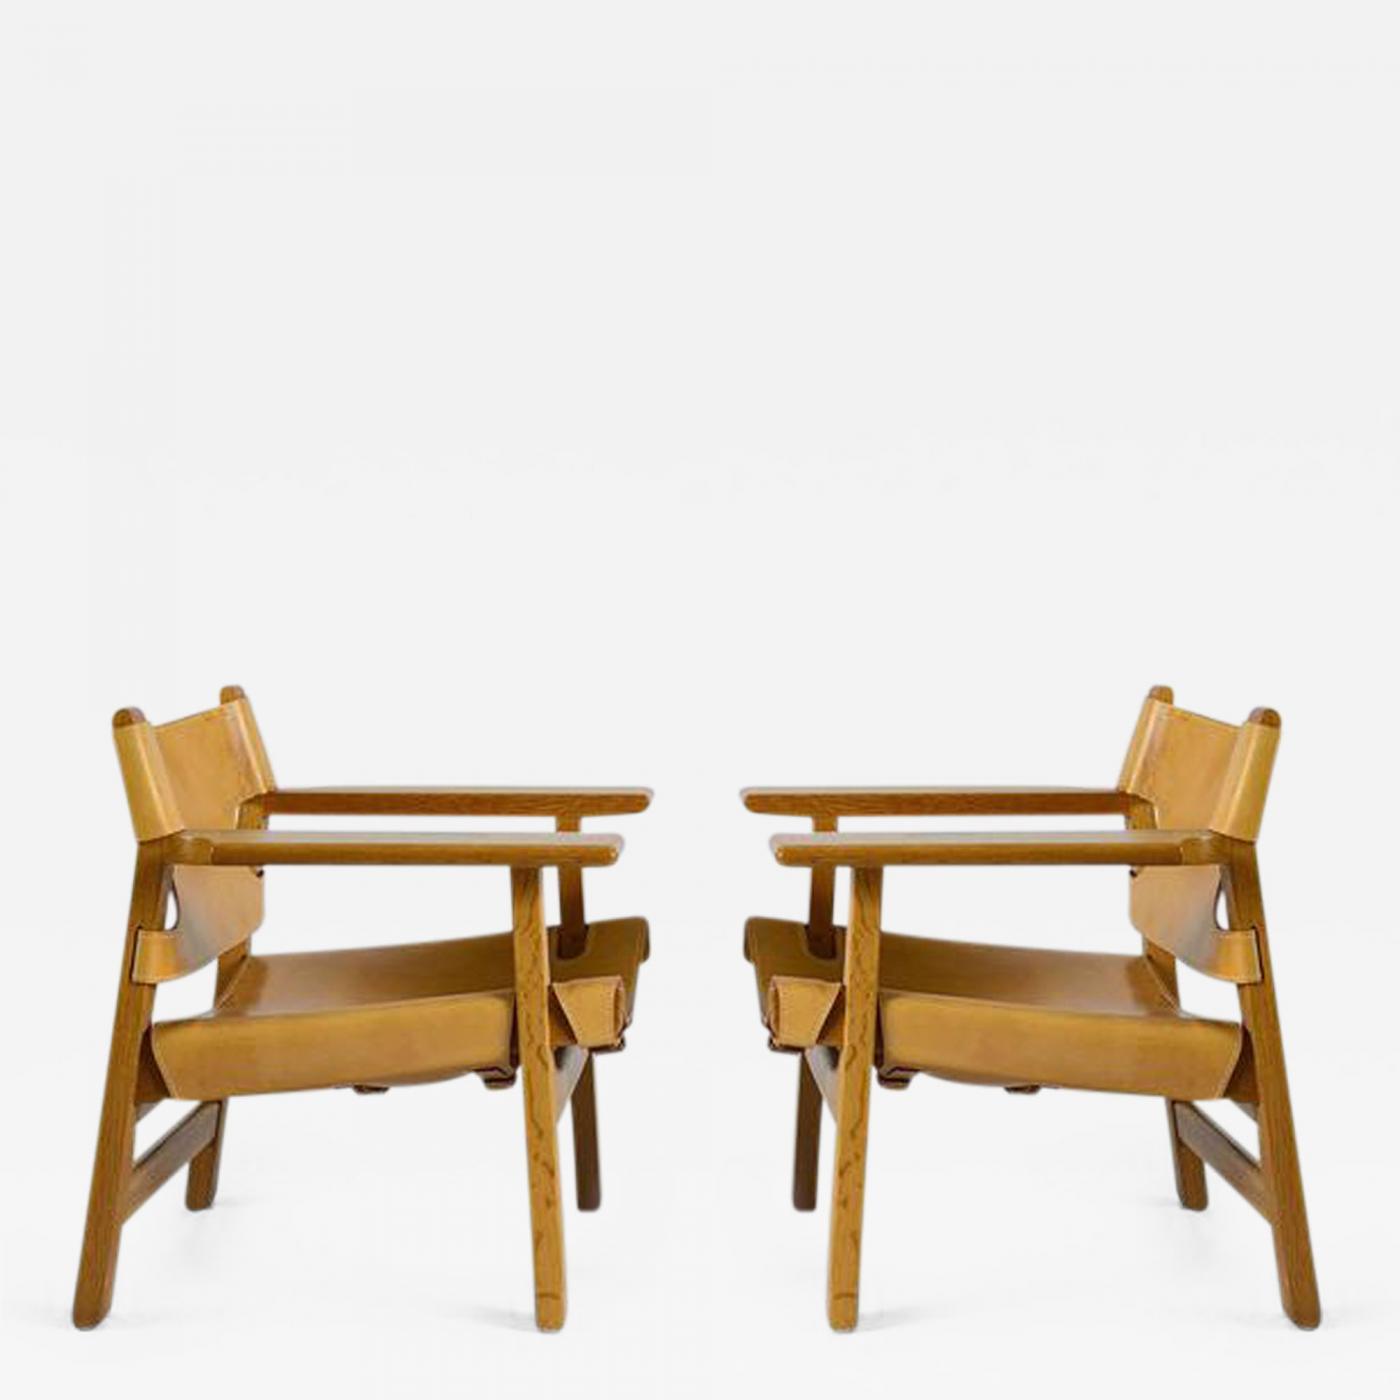 børge mogensen pair of børge mogensen spanish chairs